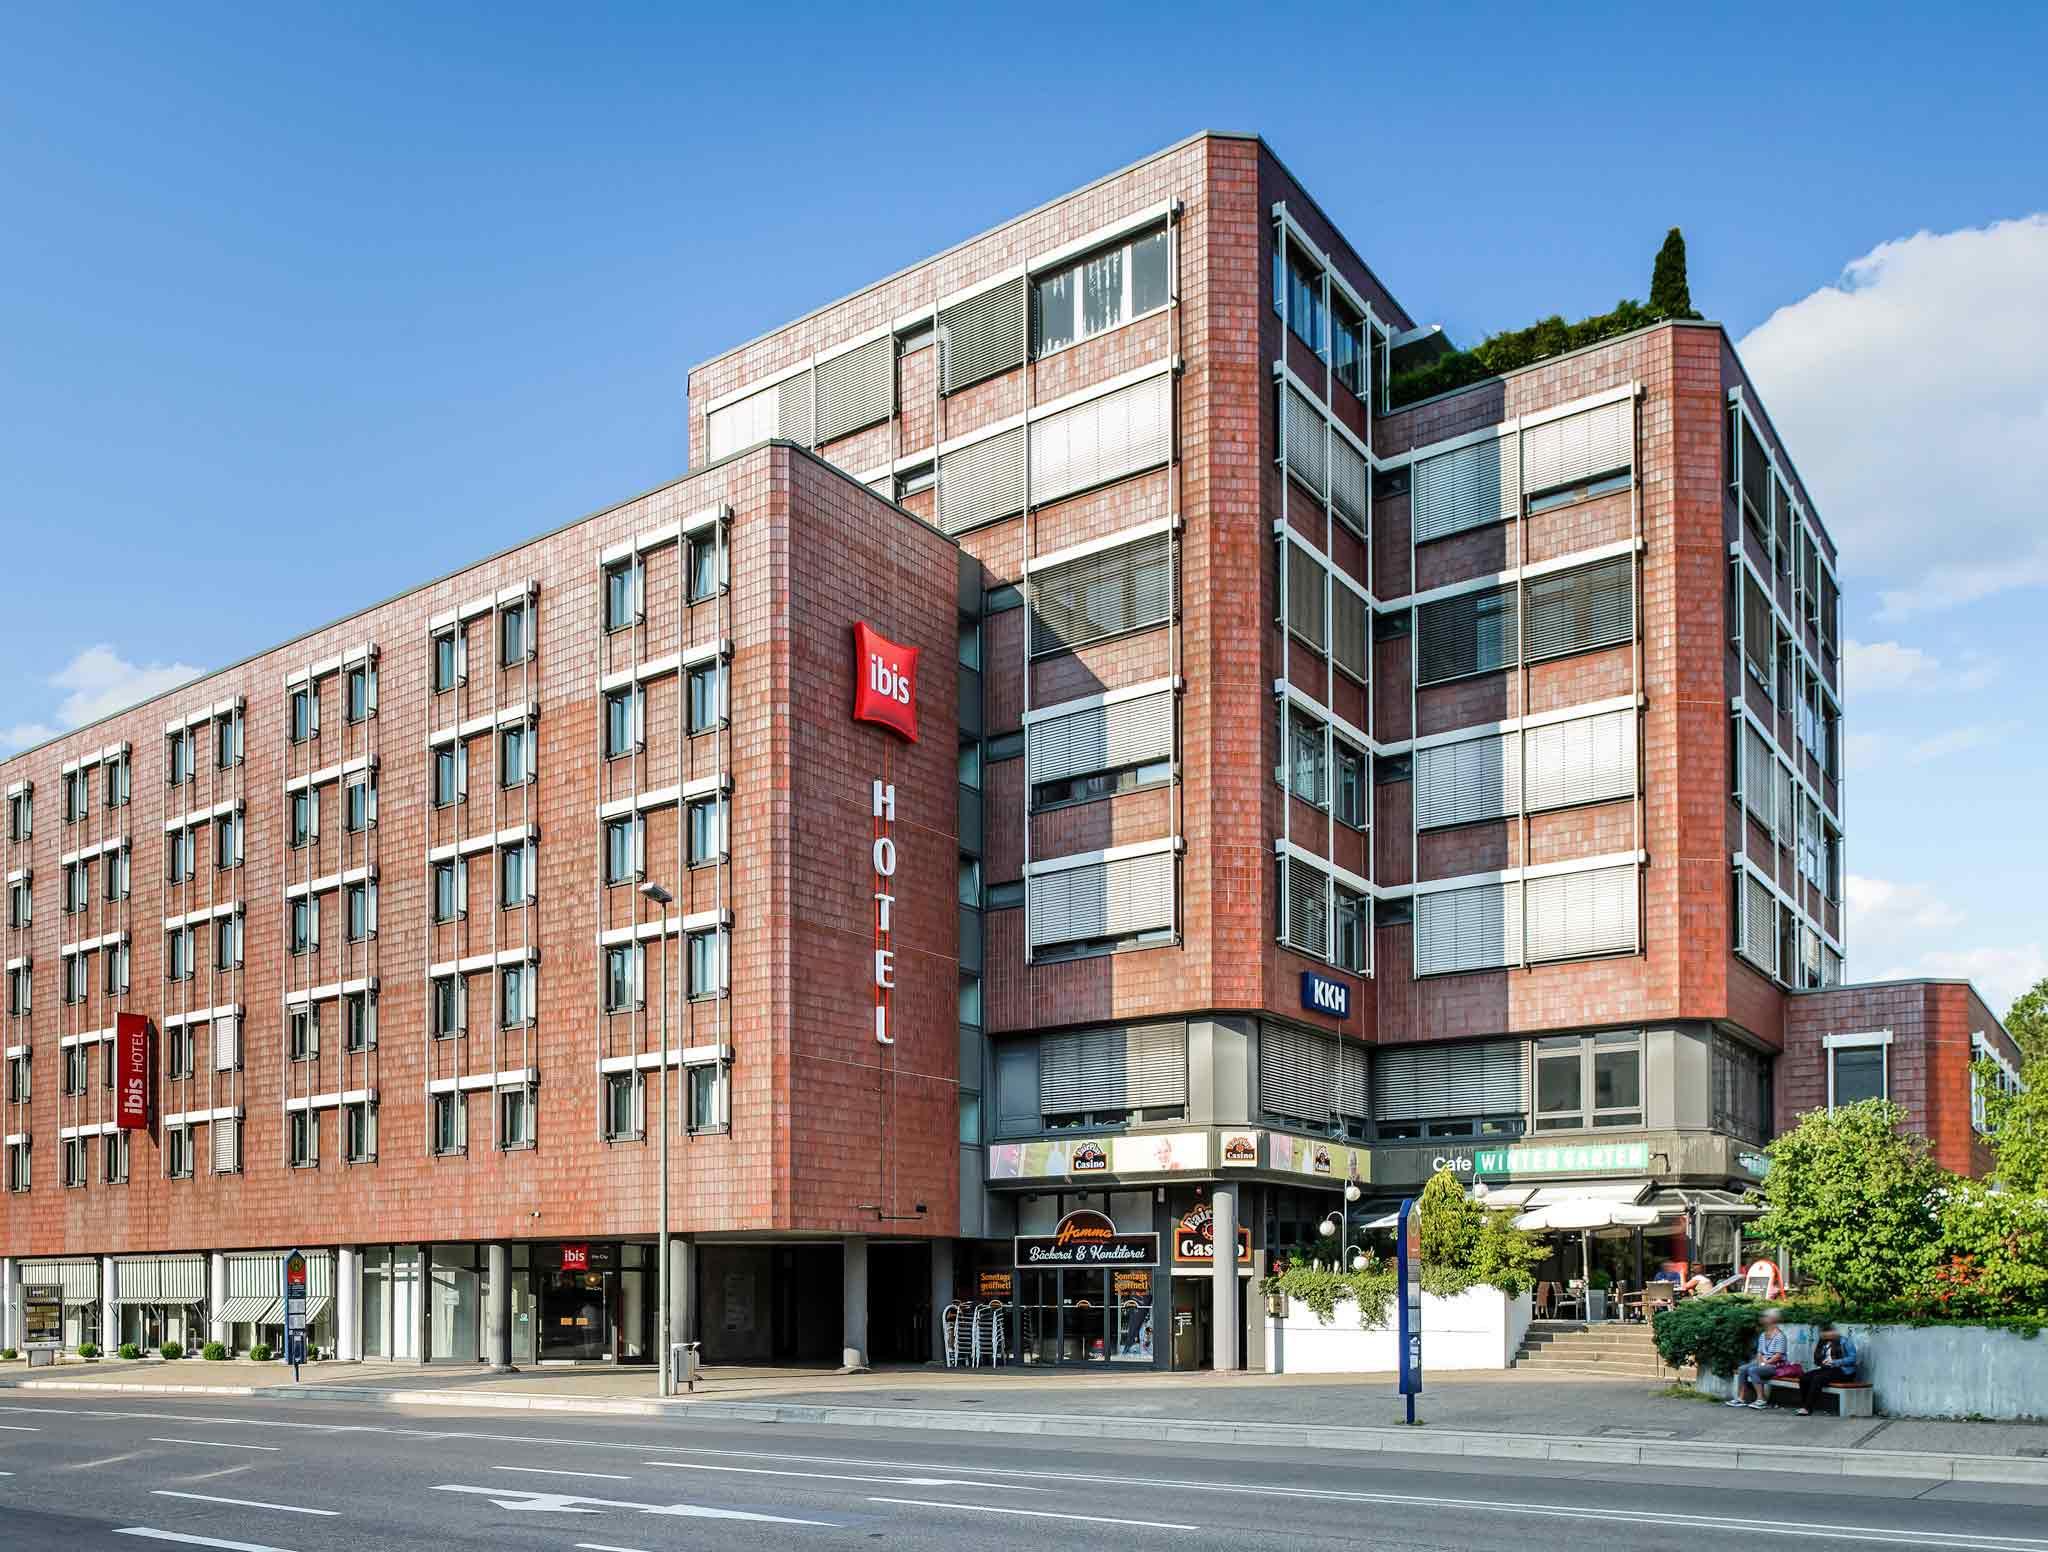 Hotel Ibis Ulm Preise